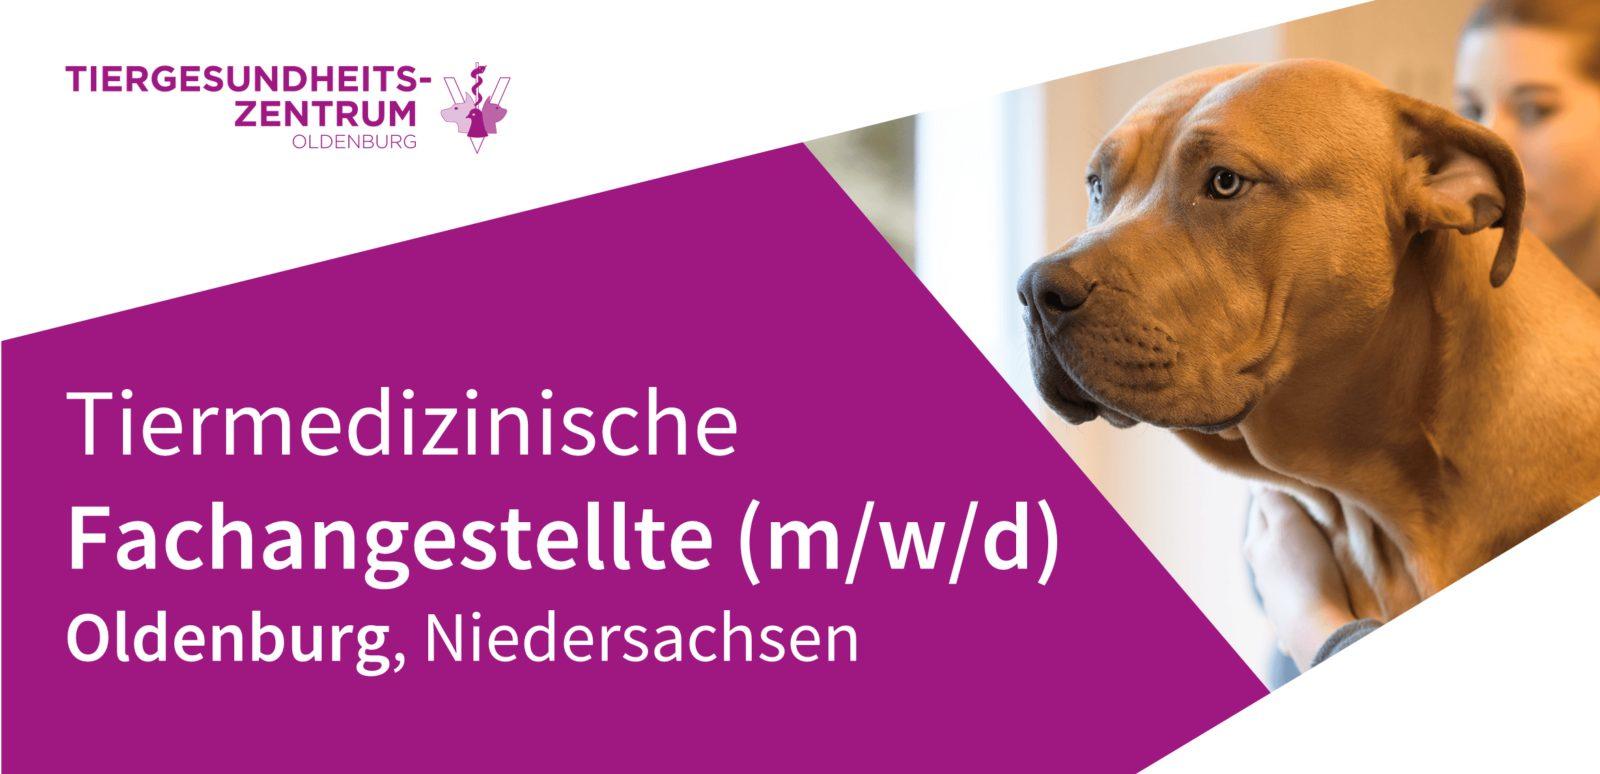 Tiergesundheitszentrum Oldenburg - TFA (m/w/d) als Nachtschwärmer in Oldenburg, Niedersachsen gesucht